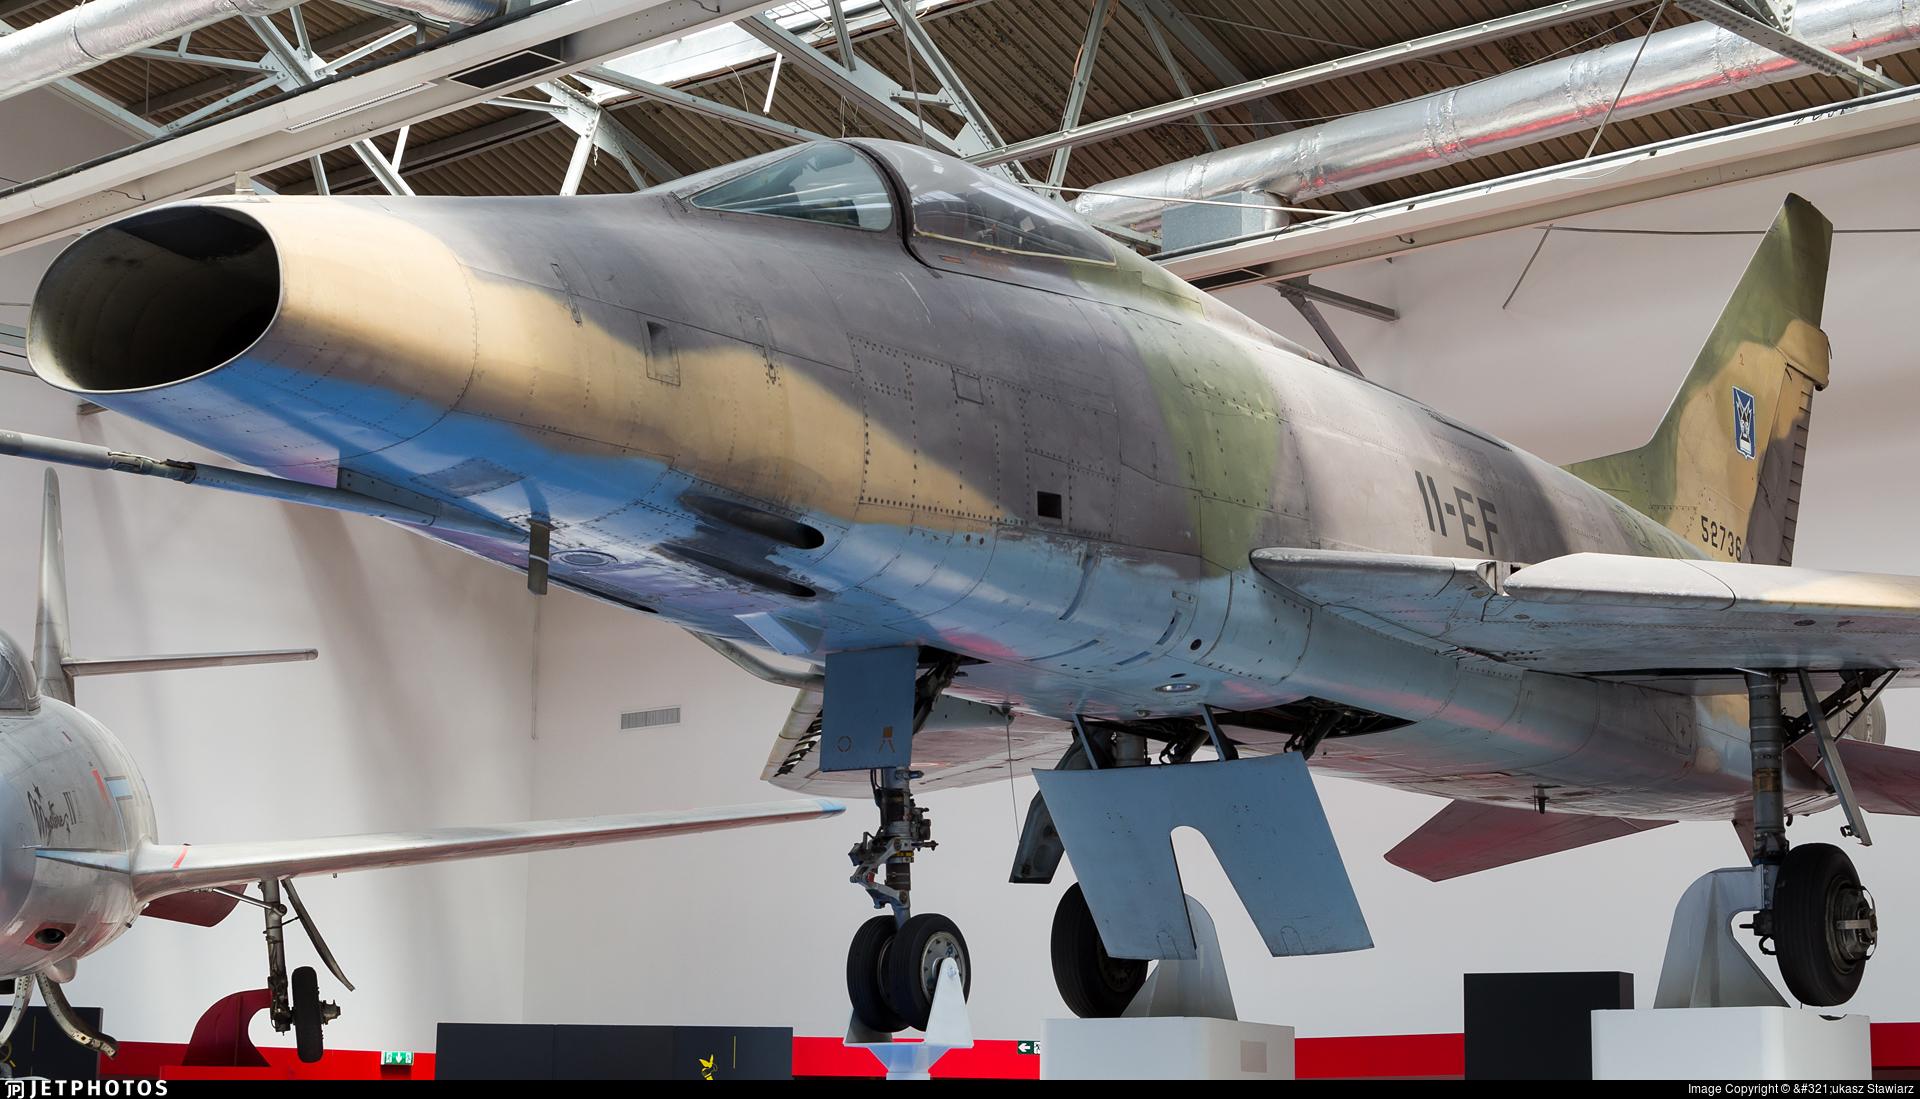 52736 - North American F-100D Super Sabre - France - Air Force